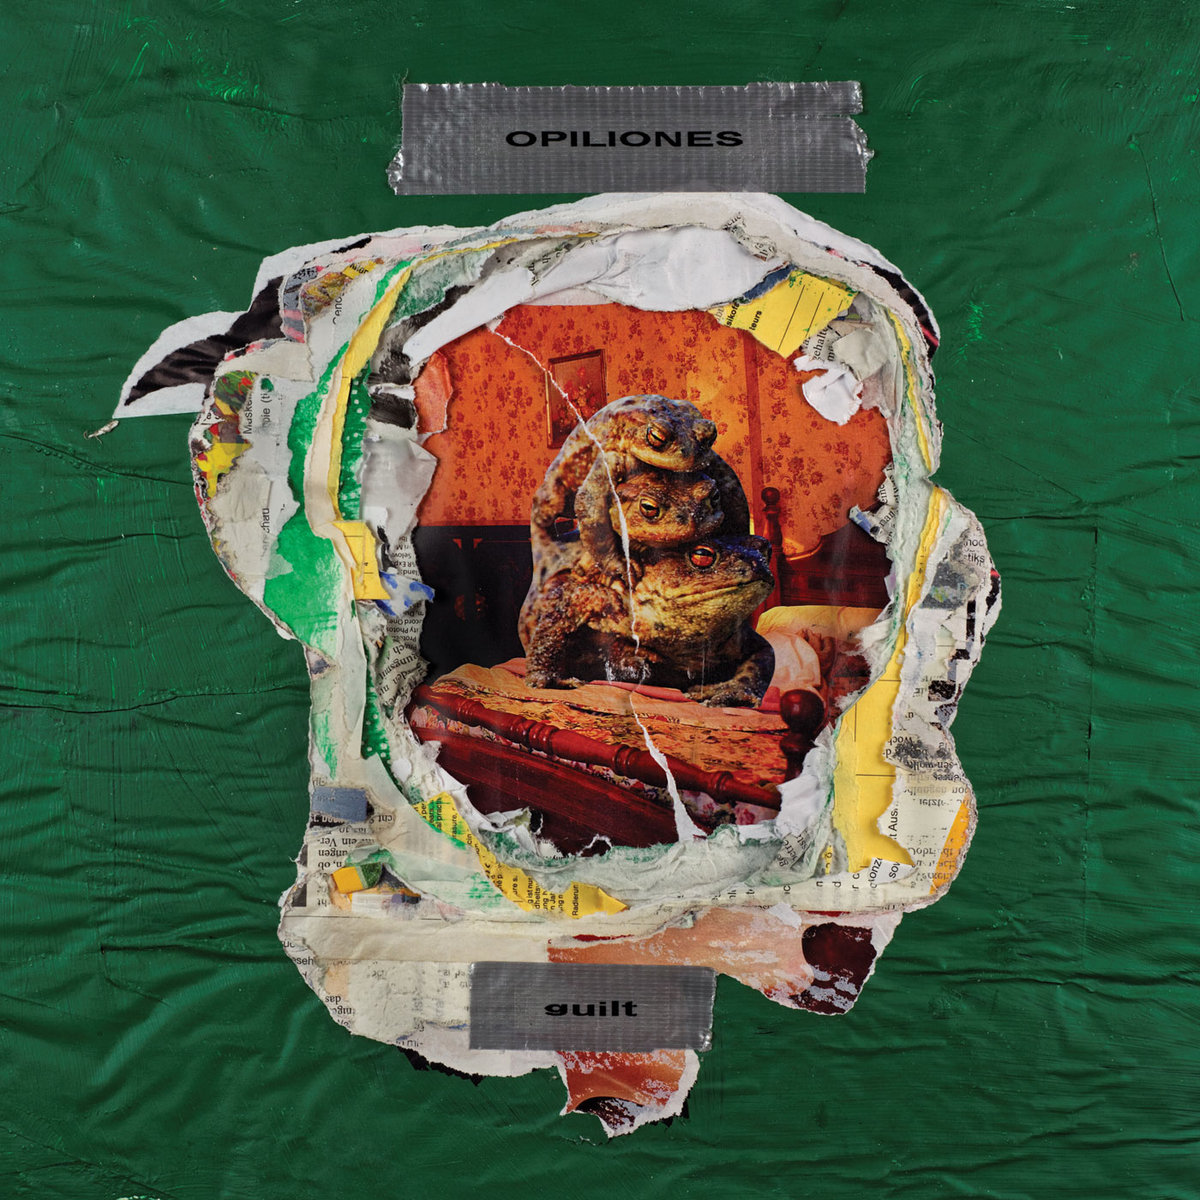 OPILIONES Guilt – Vinyl LP (transparent yellow)